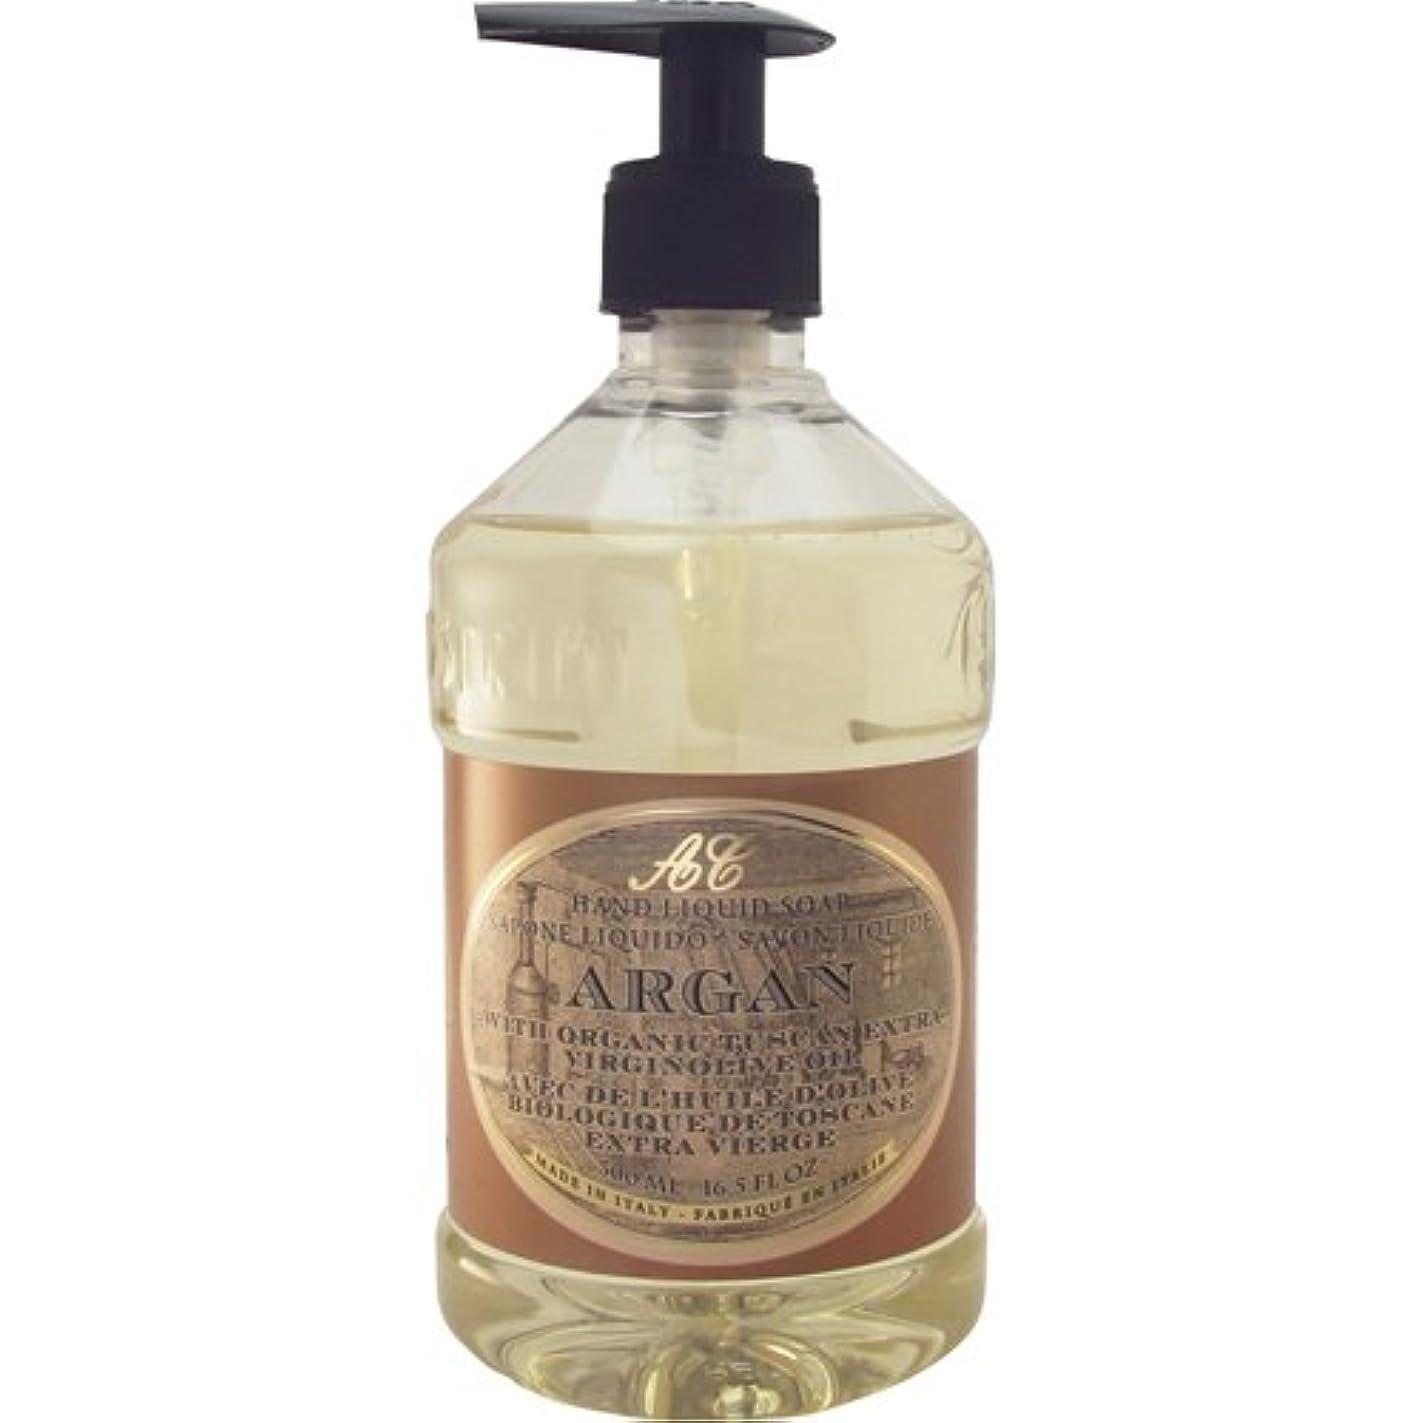 デジタルプログラム保険Saponerire Fissi レトロシリーズ Liquid Soap リキッドソープ 500ml Argan アルガンオイル